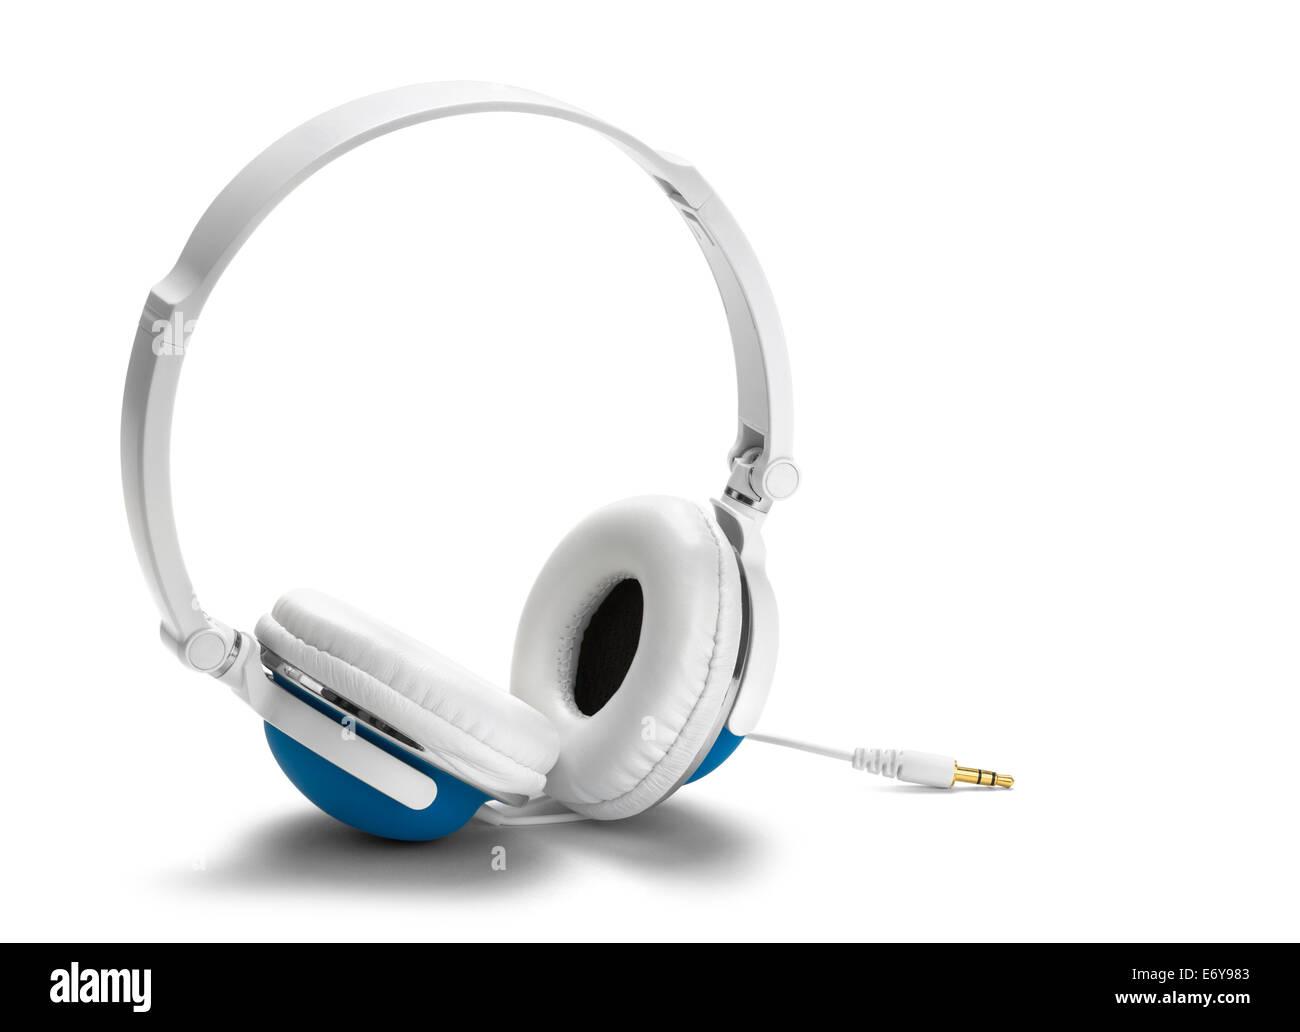 Grand casque bleu et blanc isolé sur fond blanc. Photo Stock